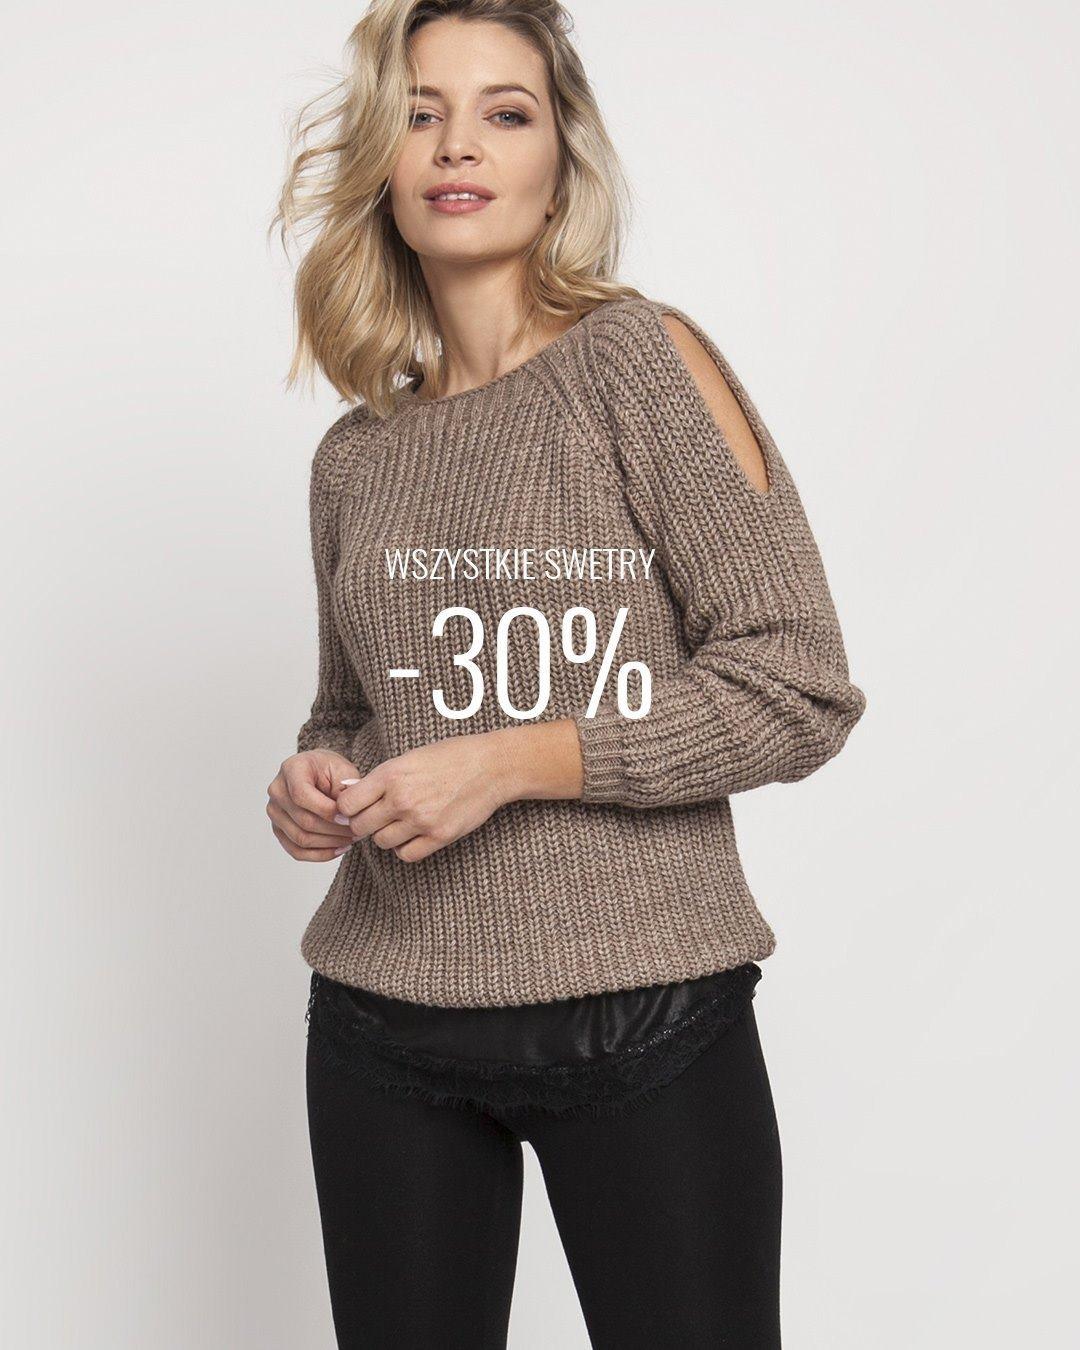 Połowa lipca to dobry moment na posezonową wyprzedaż. Tylko do końca miesiąca wszystkie swetry w naszym sklepie kupicie aż 30% taniej.   #swetry #sweter #promocja #promo #wyprzedaż #wyprzedaz #obnizka #sale #seasonsale #obnizkacen